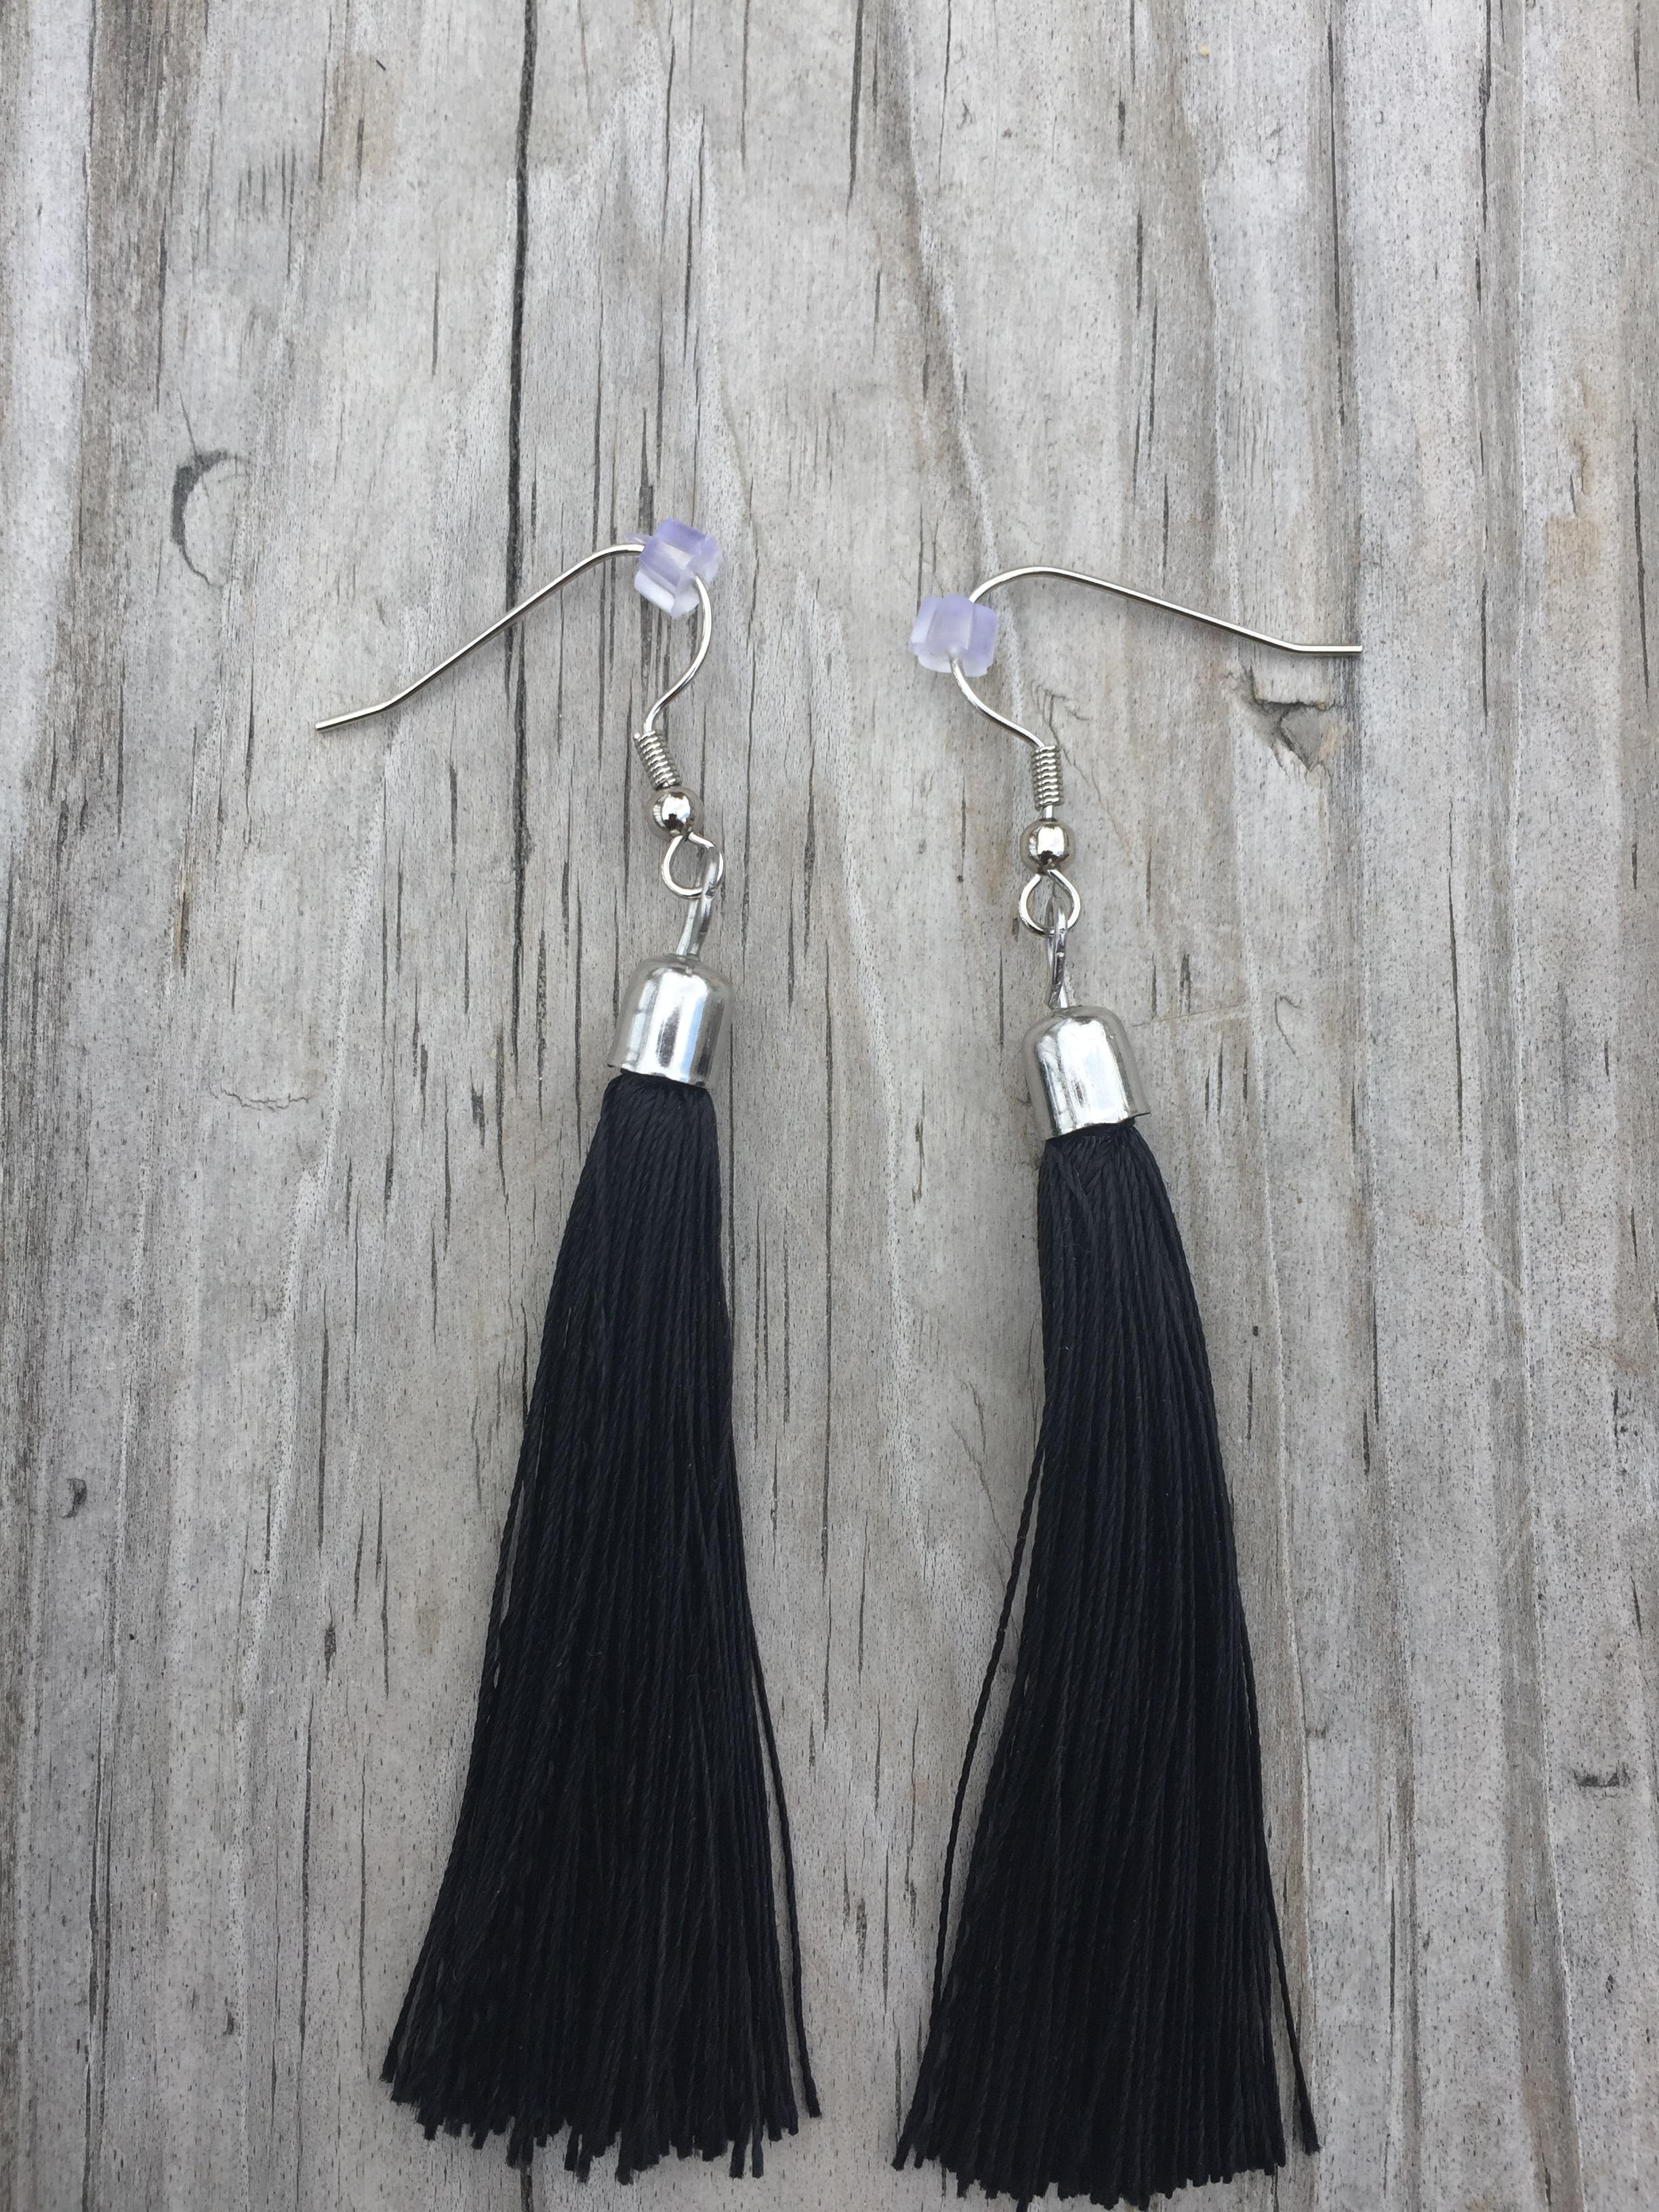 Simple Tassel Earrings.JPG